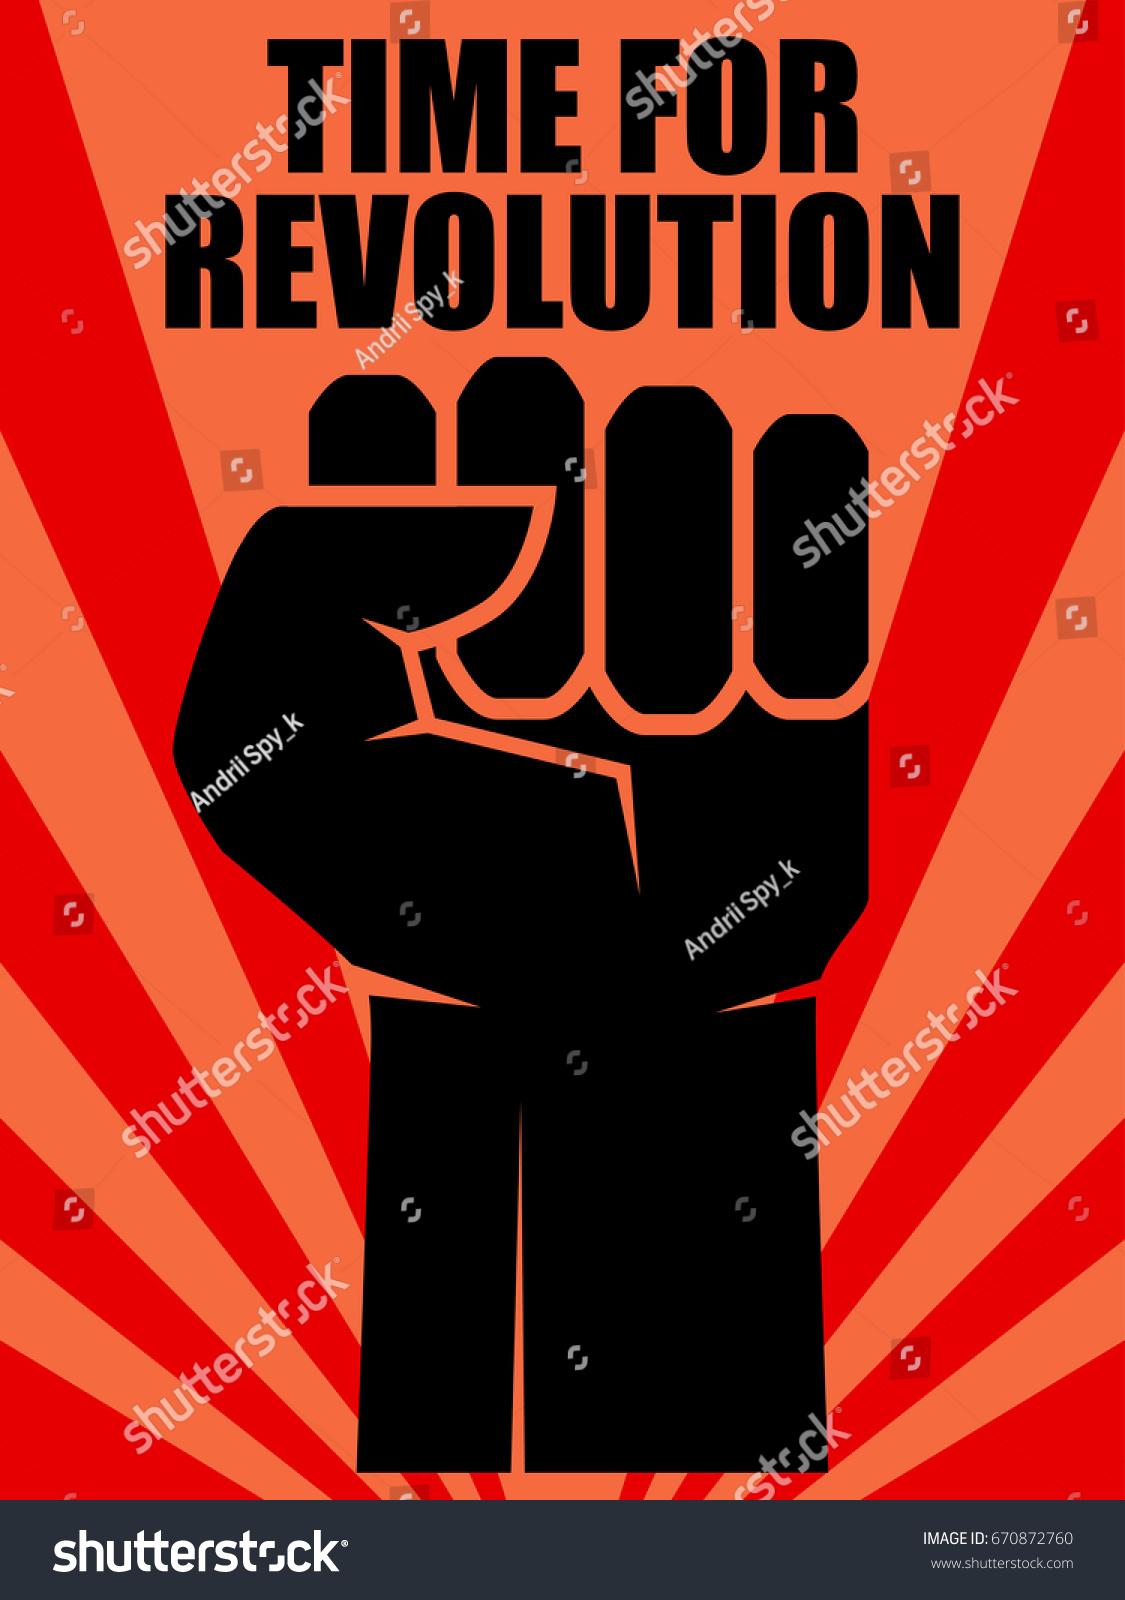 fist revolution human hand up concept revolution stock vector